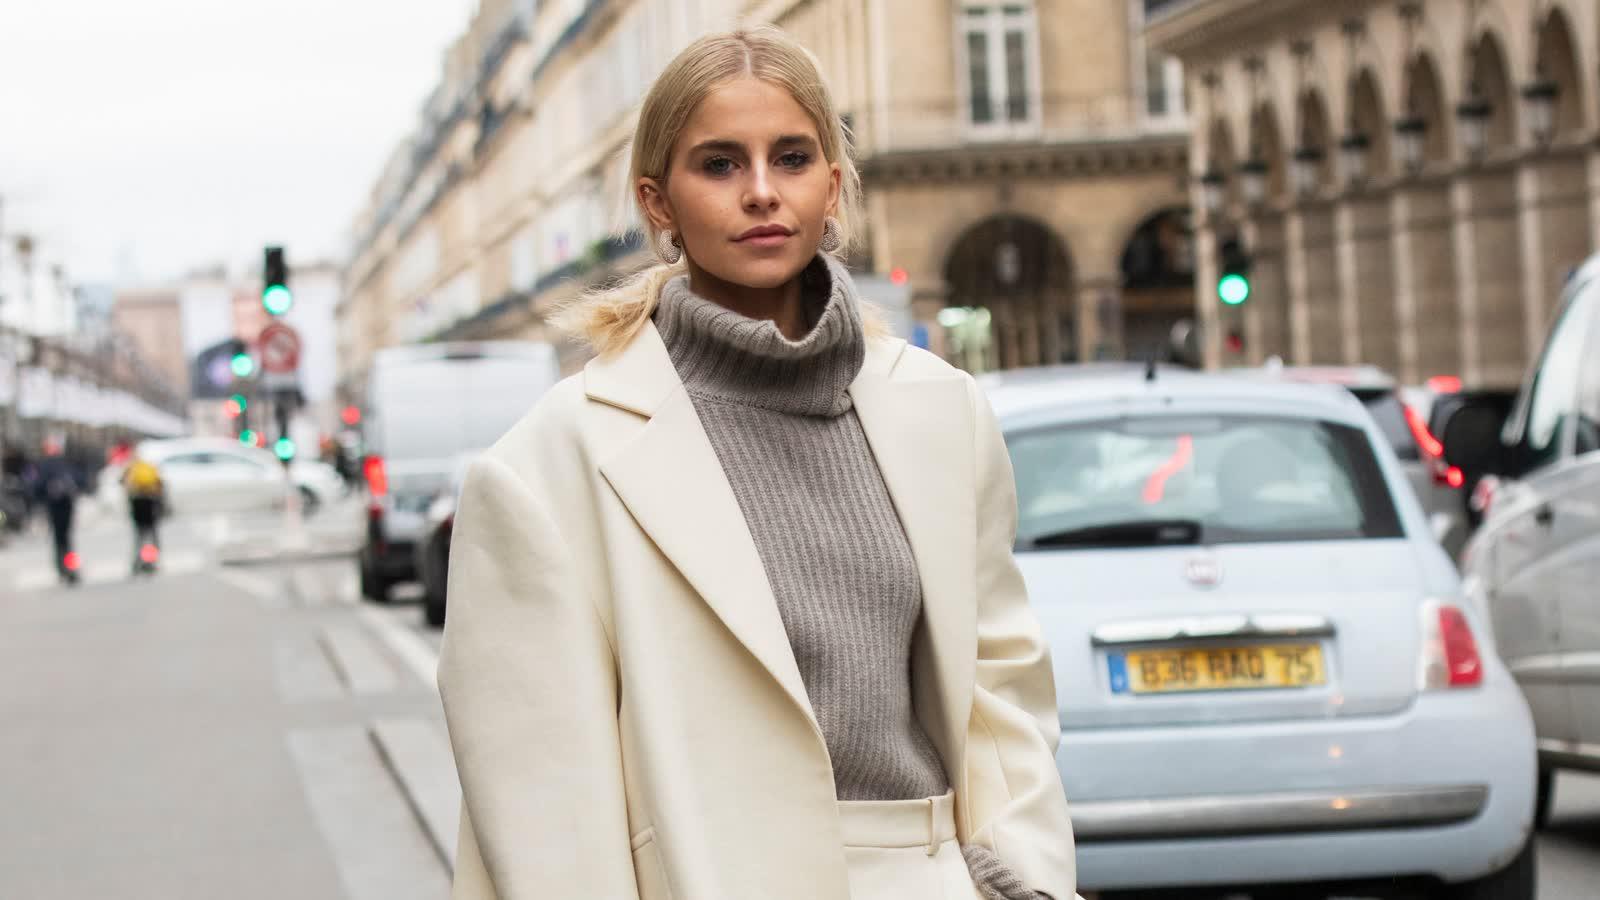 Caro Daur verrät uns, welche 10 It-Pieces aktuell auf ihrer Shopping-Wunschliste stehen